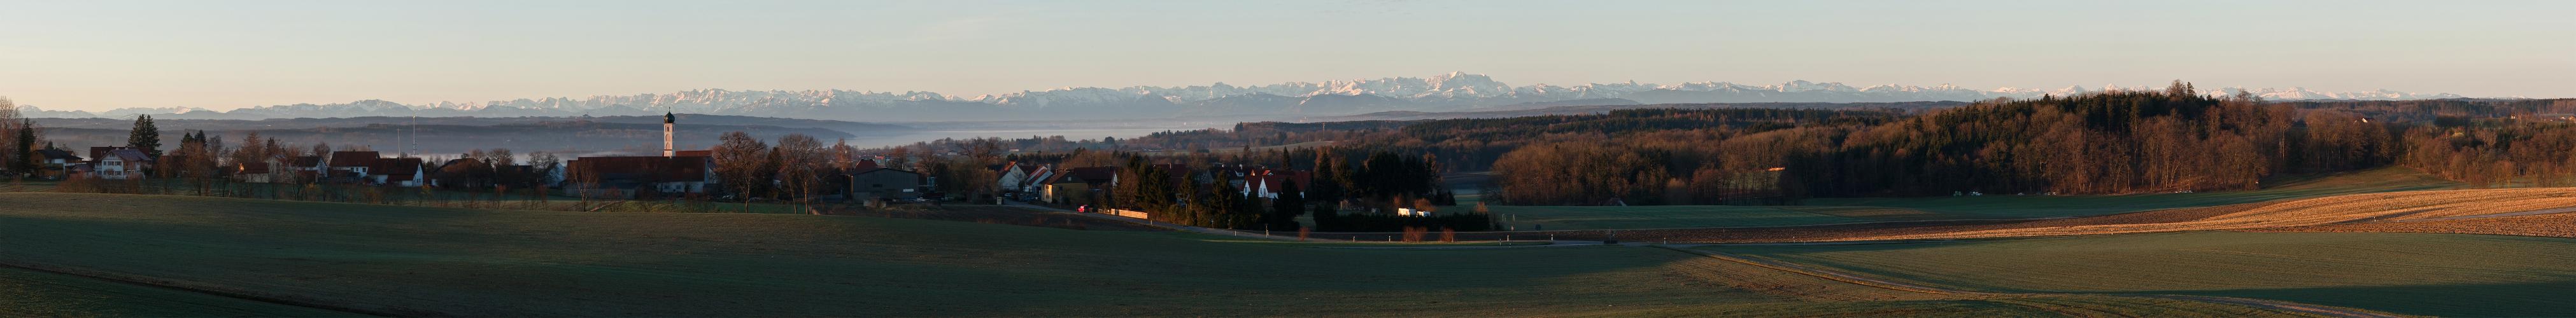 Zankenhausen mit Ammersee und Alpenblick